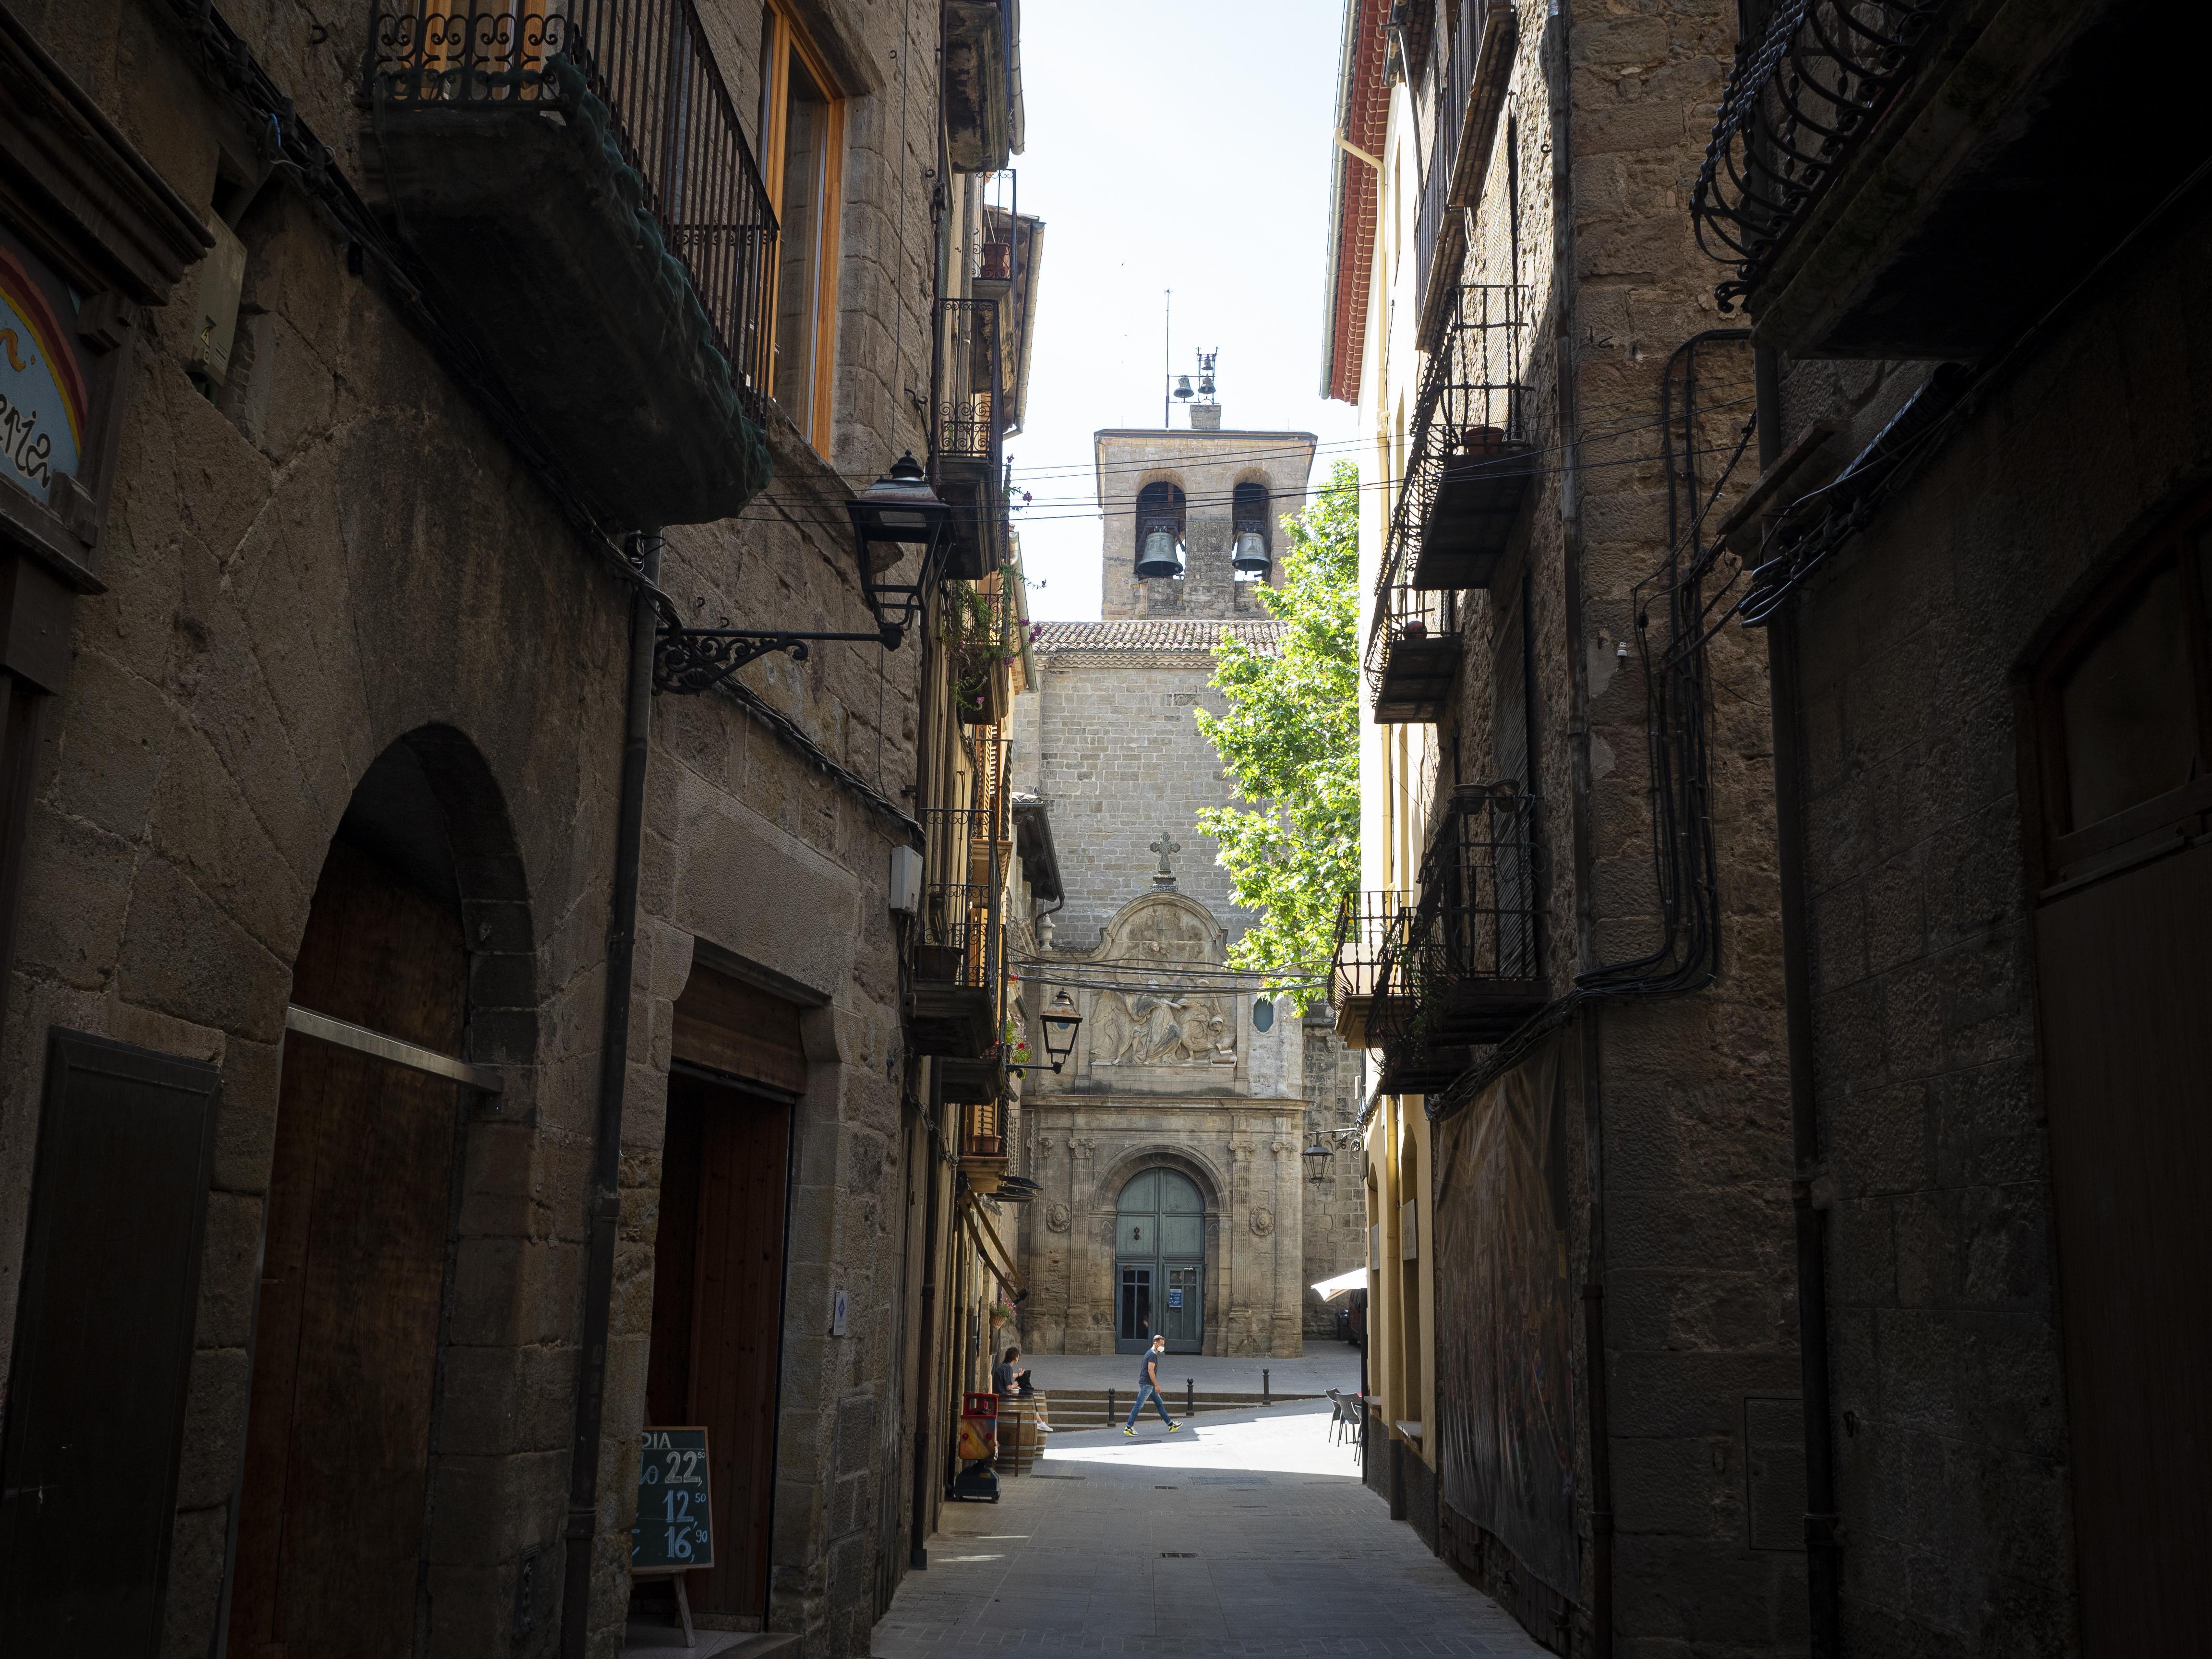 Una de les façanes de la catedral de Solsona. FOTO: Anna E. Puig